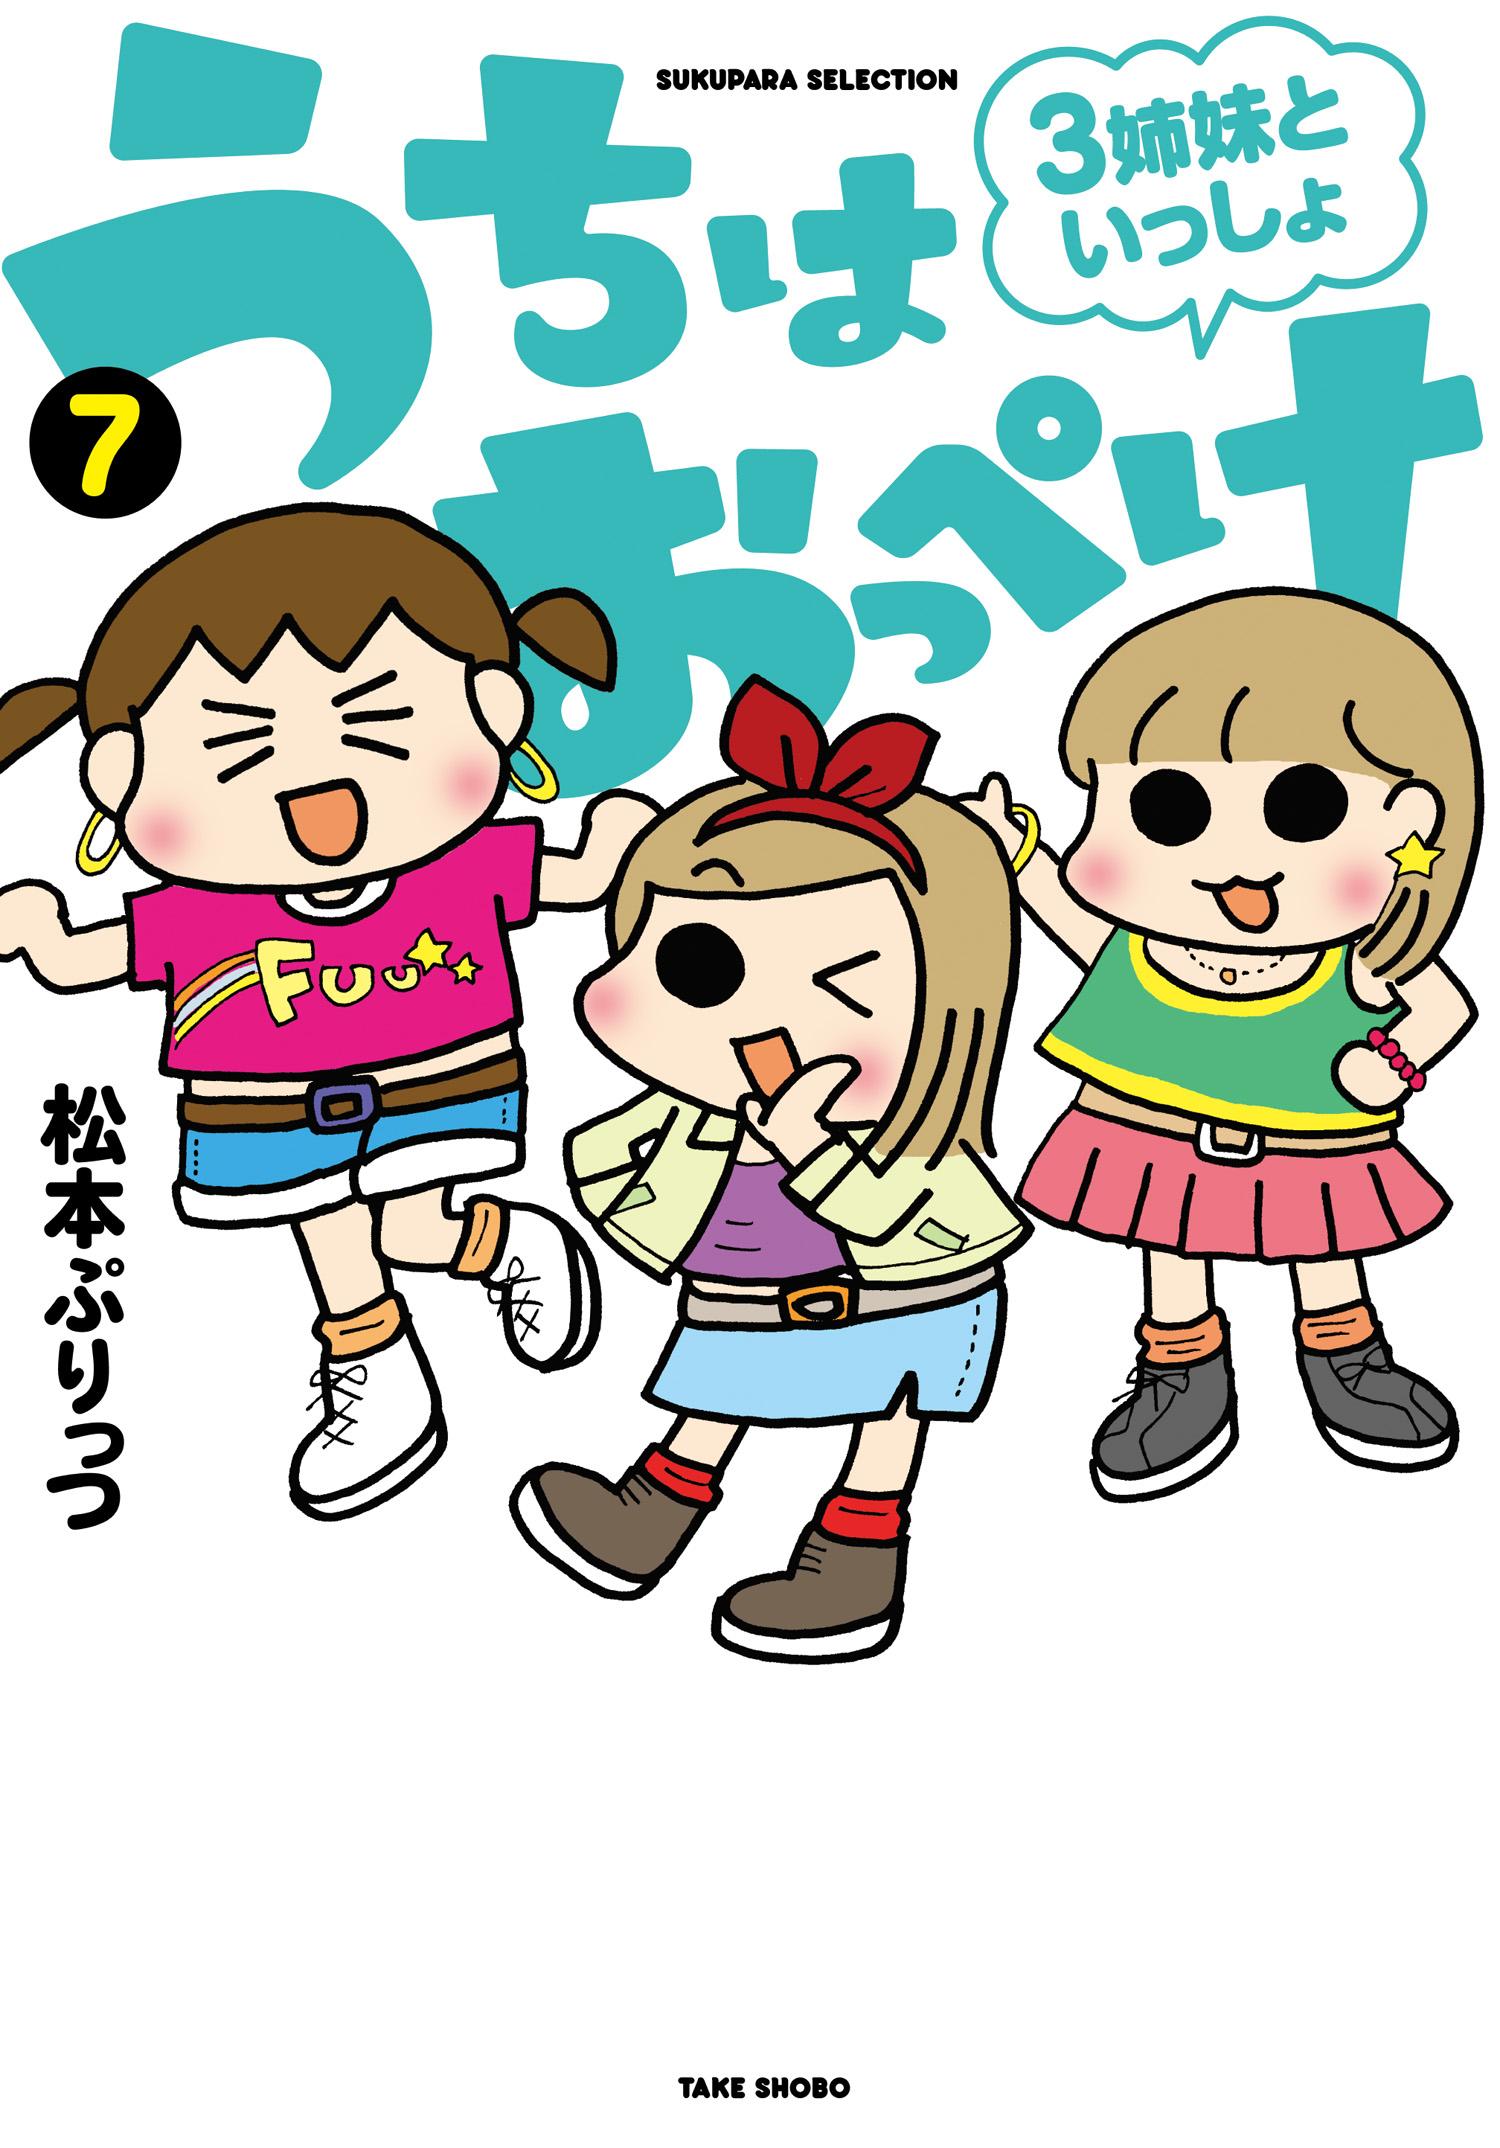 うちはおっぺけ 3姉妹といっしょ(7)(最新刊)- 漫画・無料試し ...